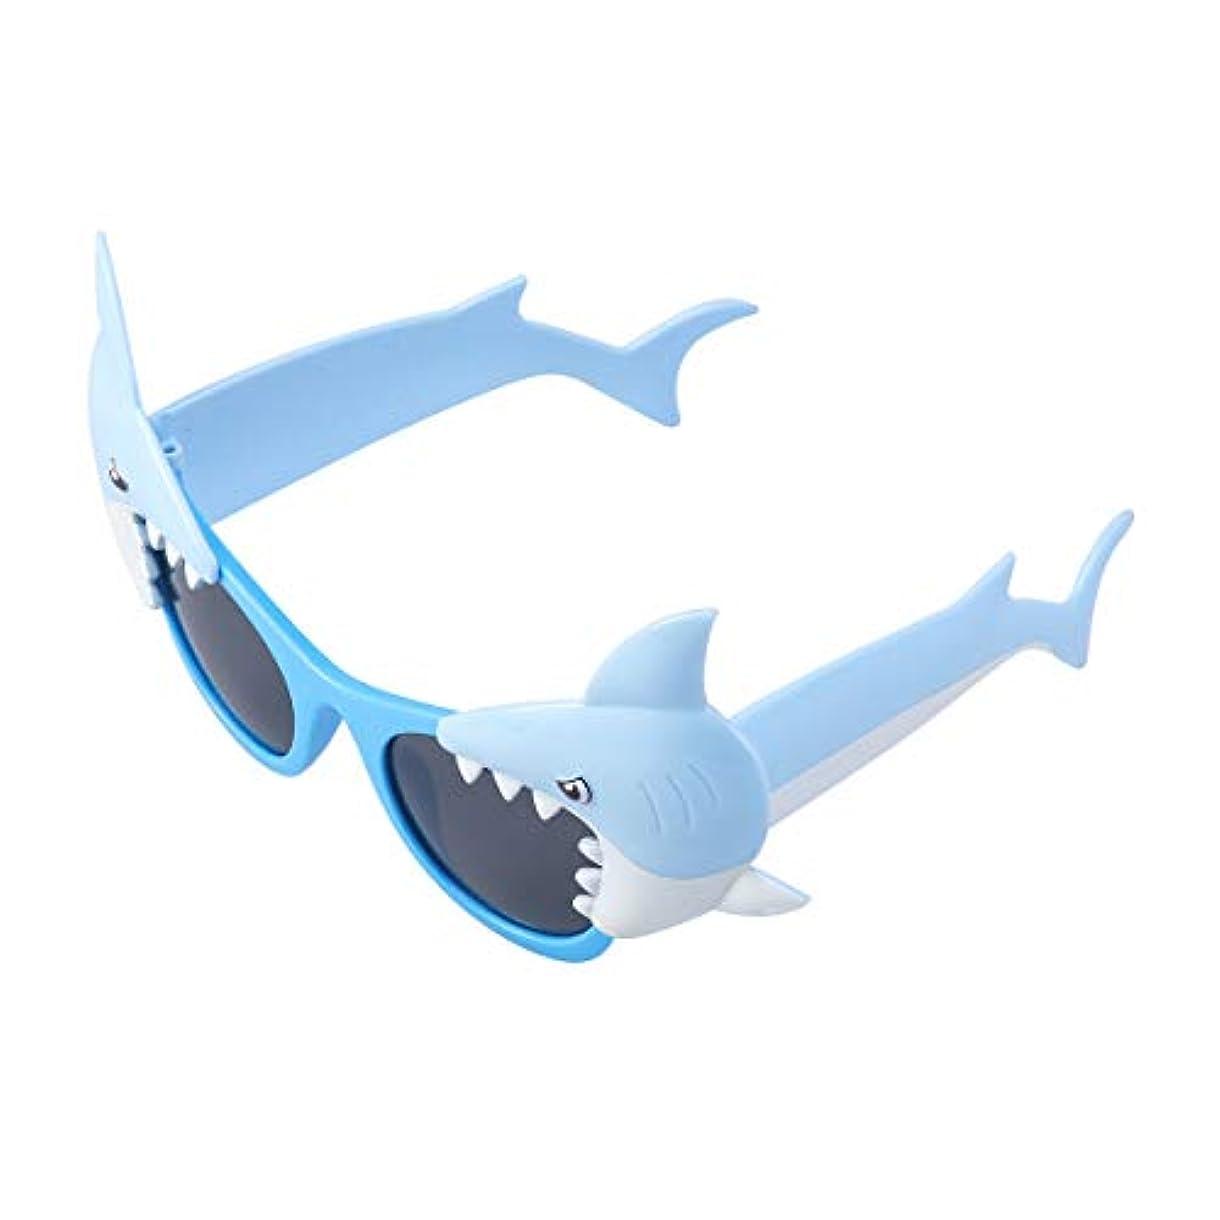 ジャーナル偉業劇作家BESTOYARD パーティーサングラスサメの形ノベルティおかしい眼鏡用仮装トリックパーティーコスチューム小道具